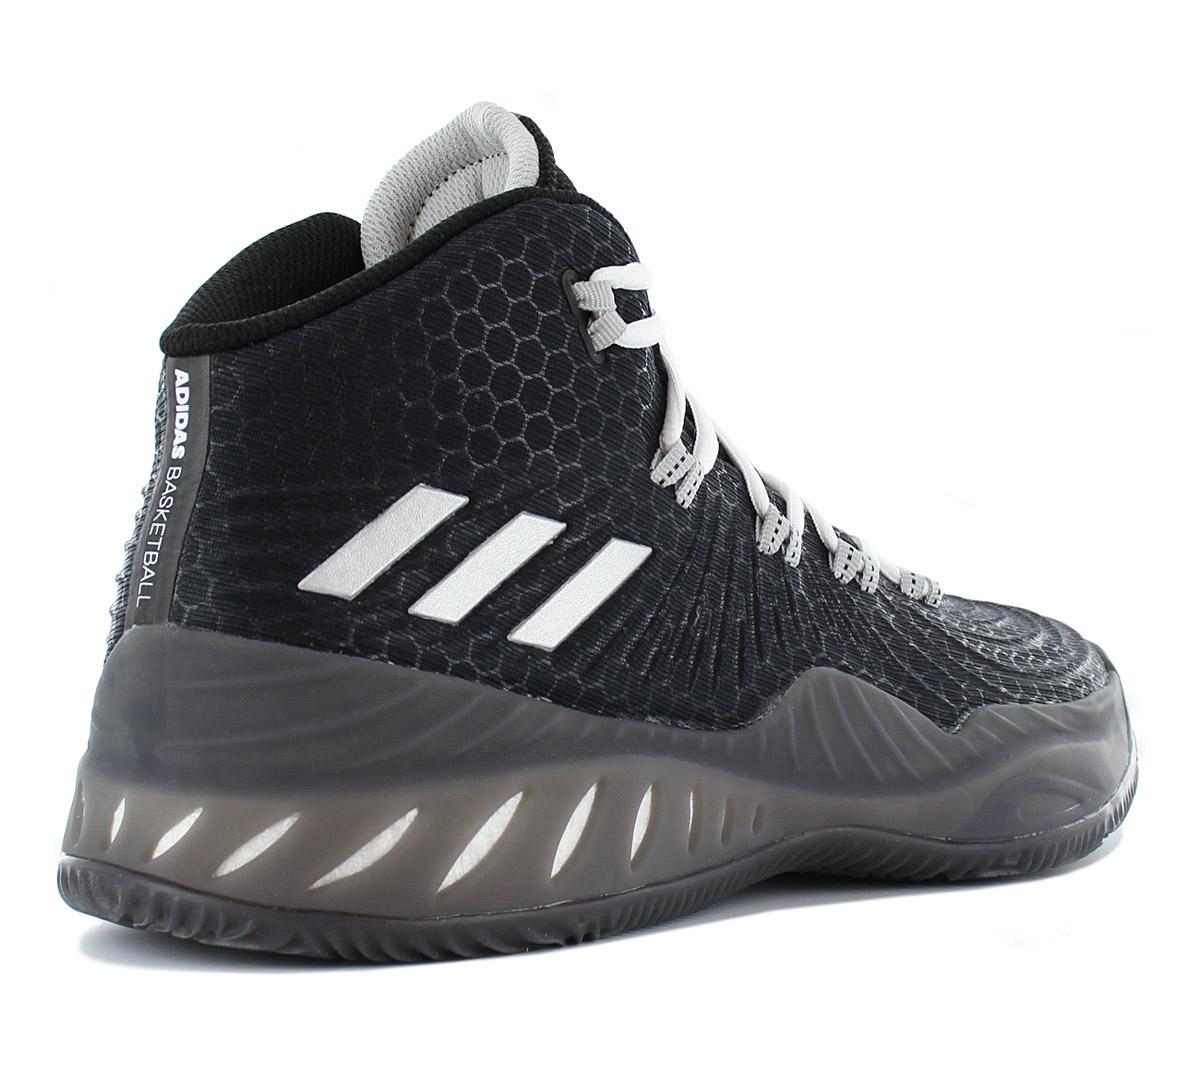 Detalles acerca de Adidas Crazy explosiva 2017 Boost caballero zapatillas de baloncesto zapatos bw0985 nuevo mostrar título original